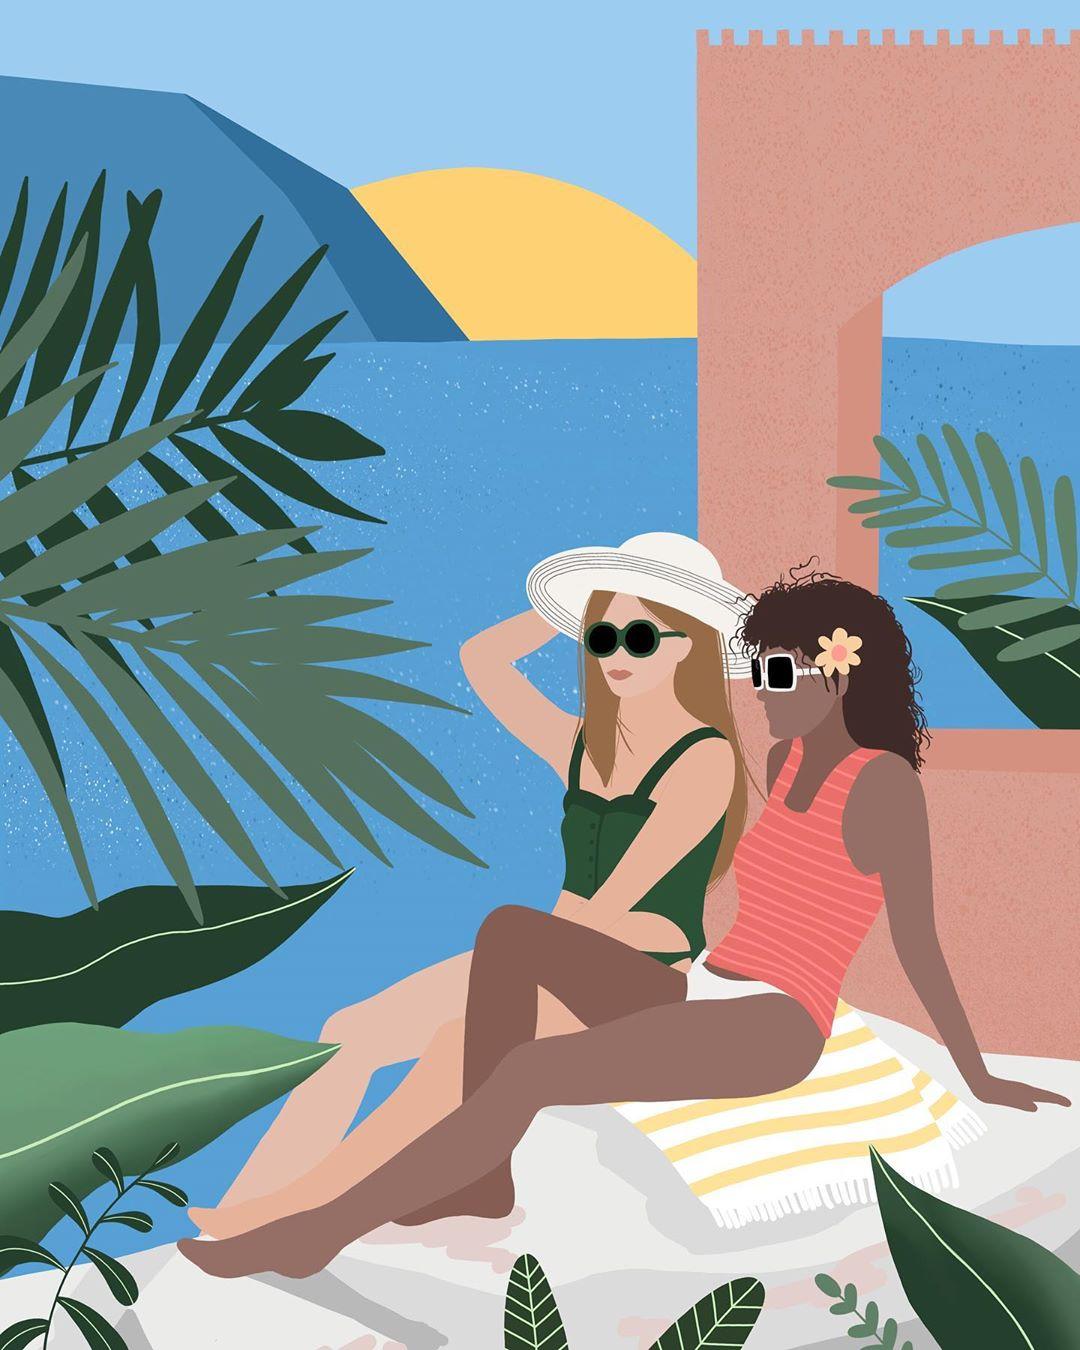 Лето и девушки: серия иллюстраций Good Weather 69879005_2382536955346982_1636185726260005939_n.jpg